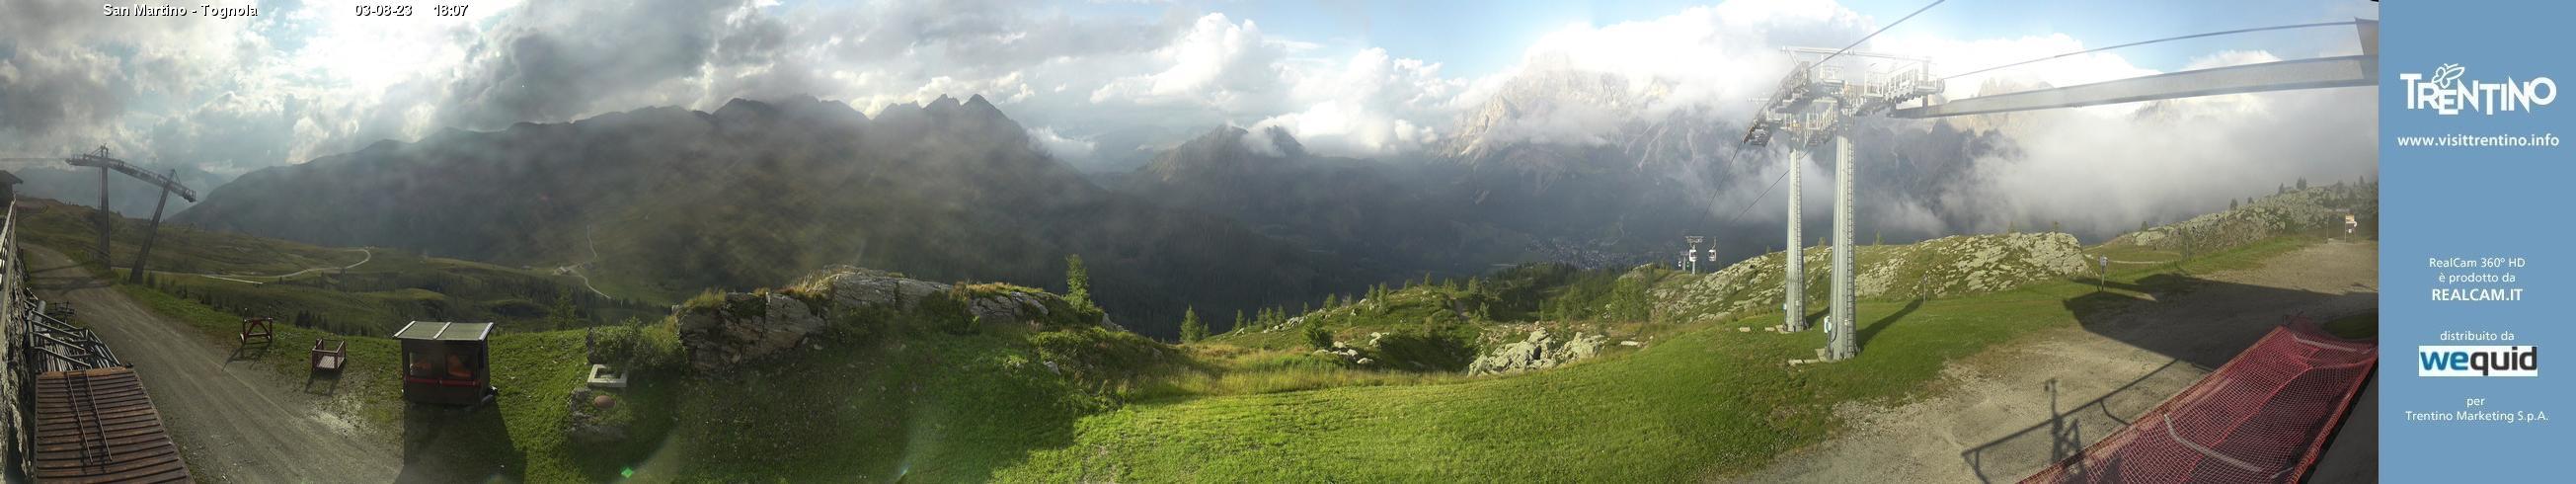 Panoramica Alpe Tognola - San Martino di Castrozza